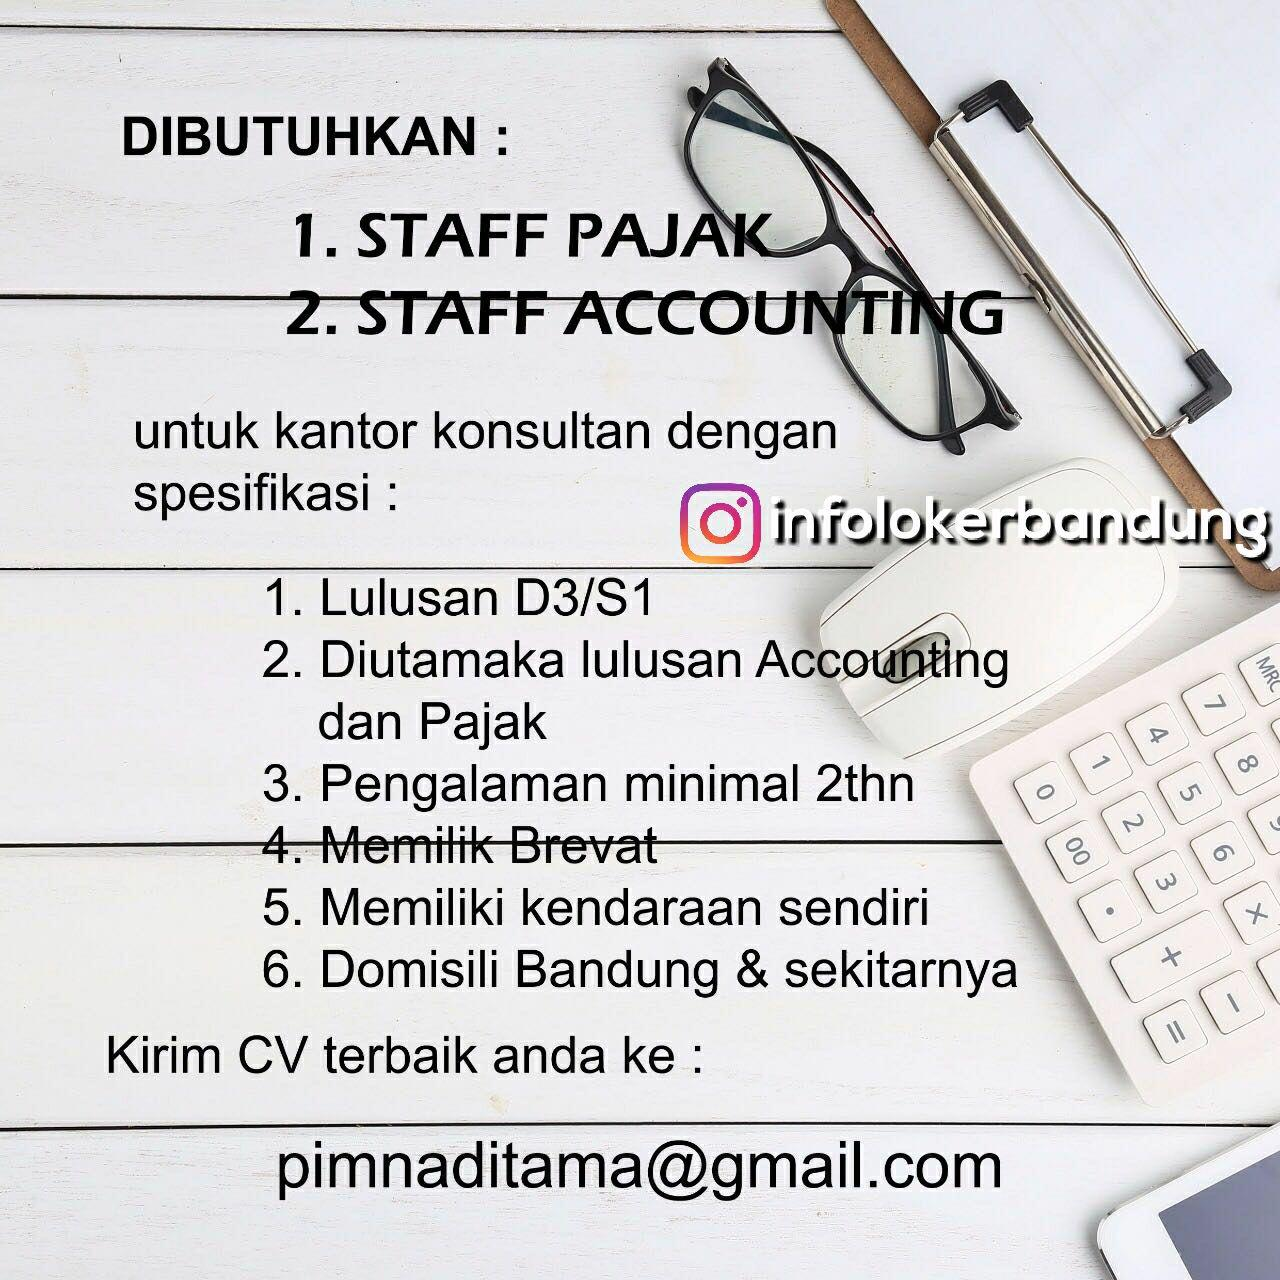 Lowongan Kerja Konsultan Pajak Bandung Januari 2018